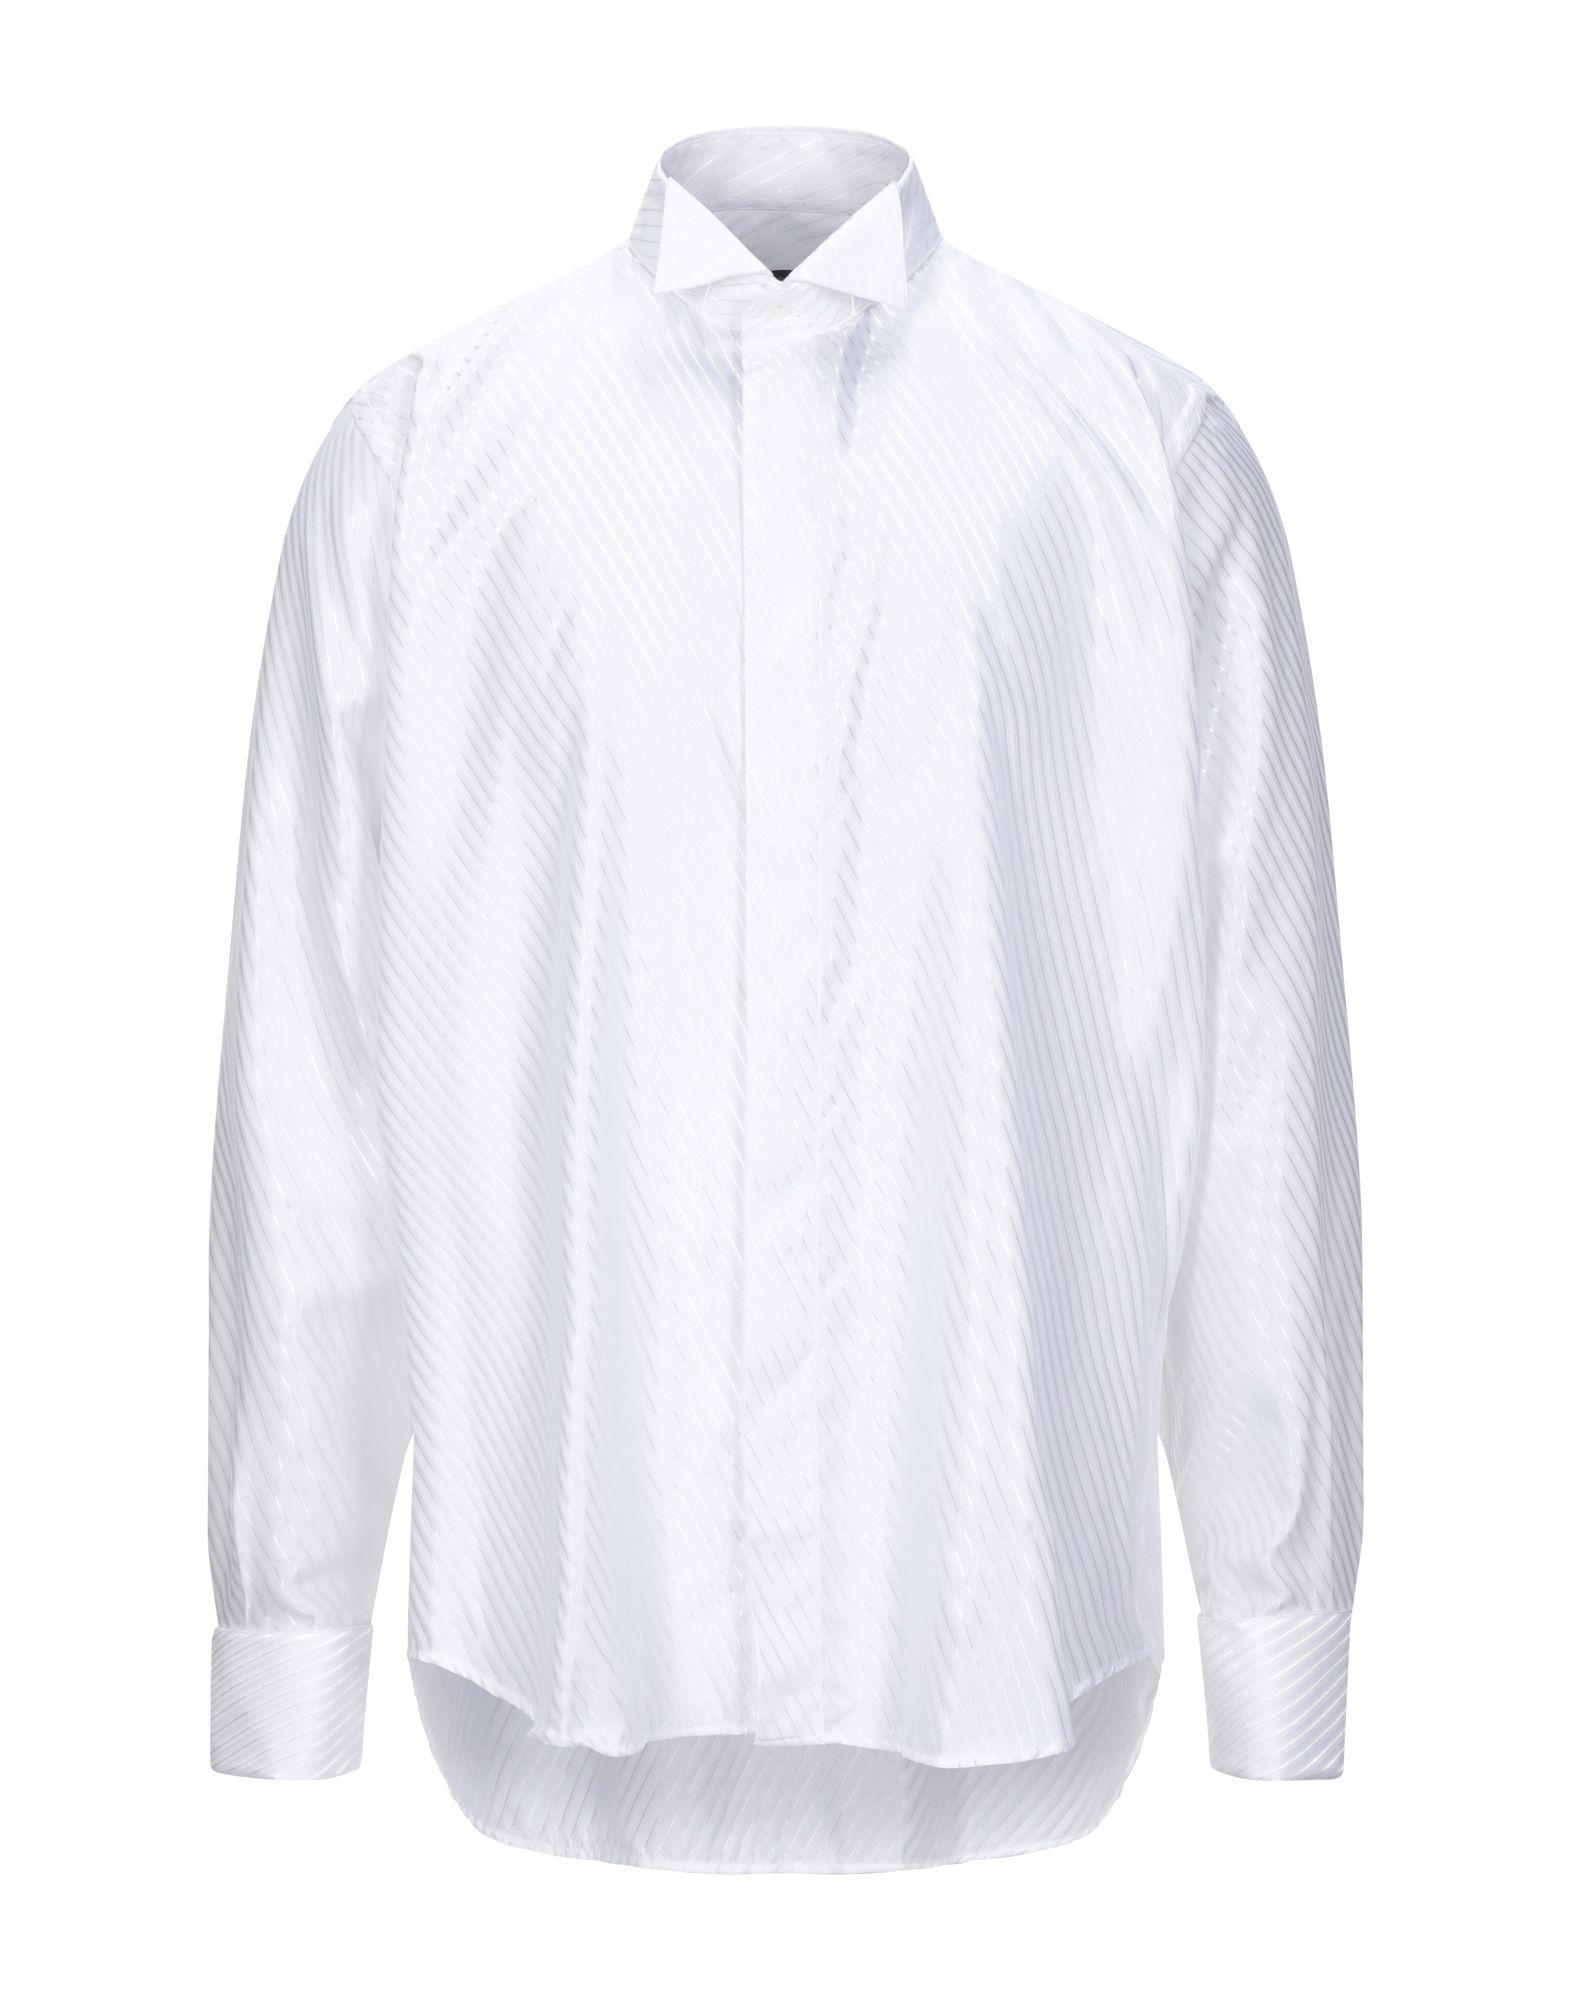 《セール開催中》ROCCOBAROCCO メンズ シャツ ホワイト 44 コットン 60% / レーヨン 40%